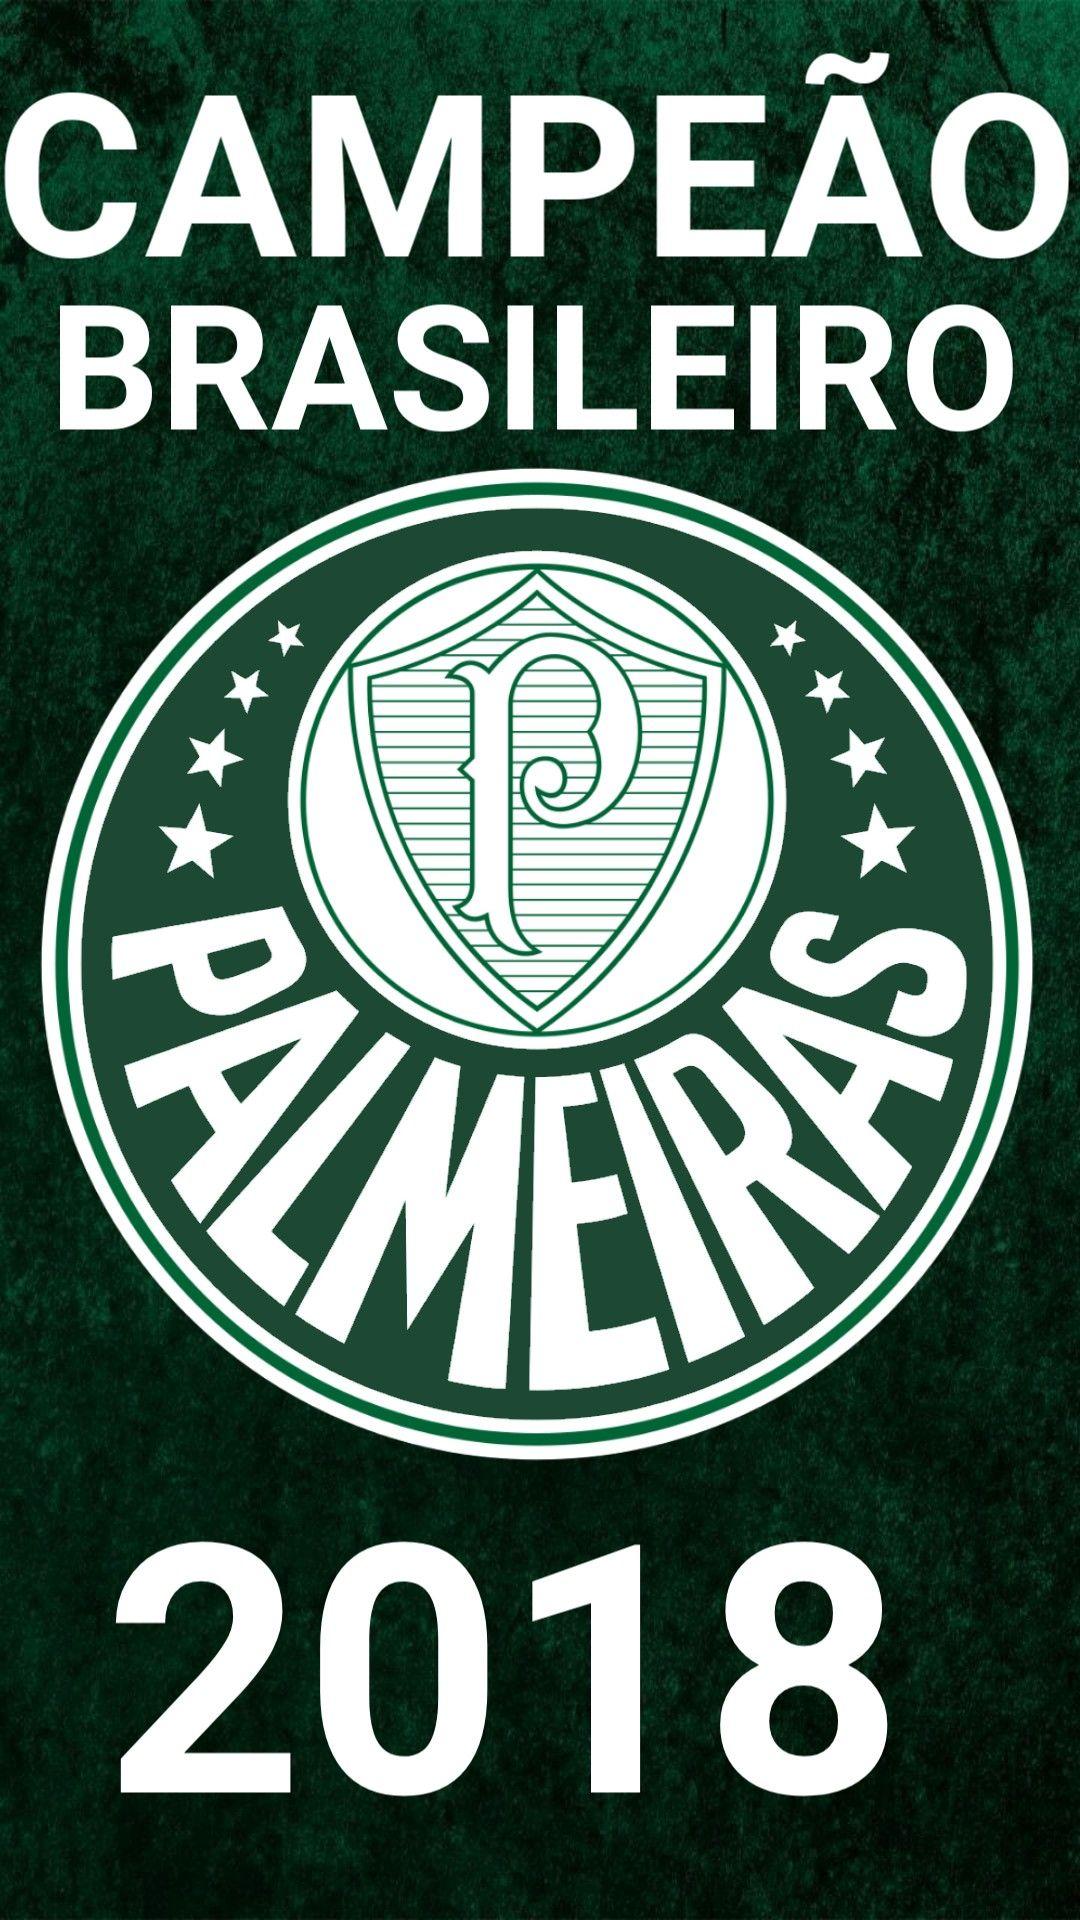 Luizcarface Palmeiras Campeao Jailson Palmeiras Wallpaper